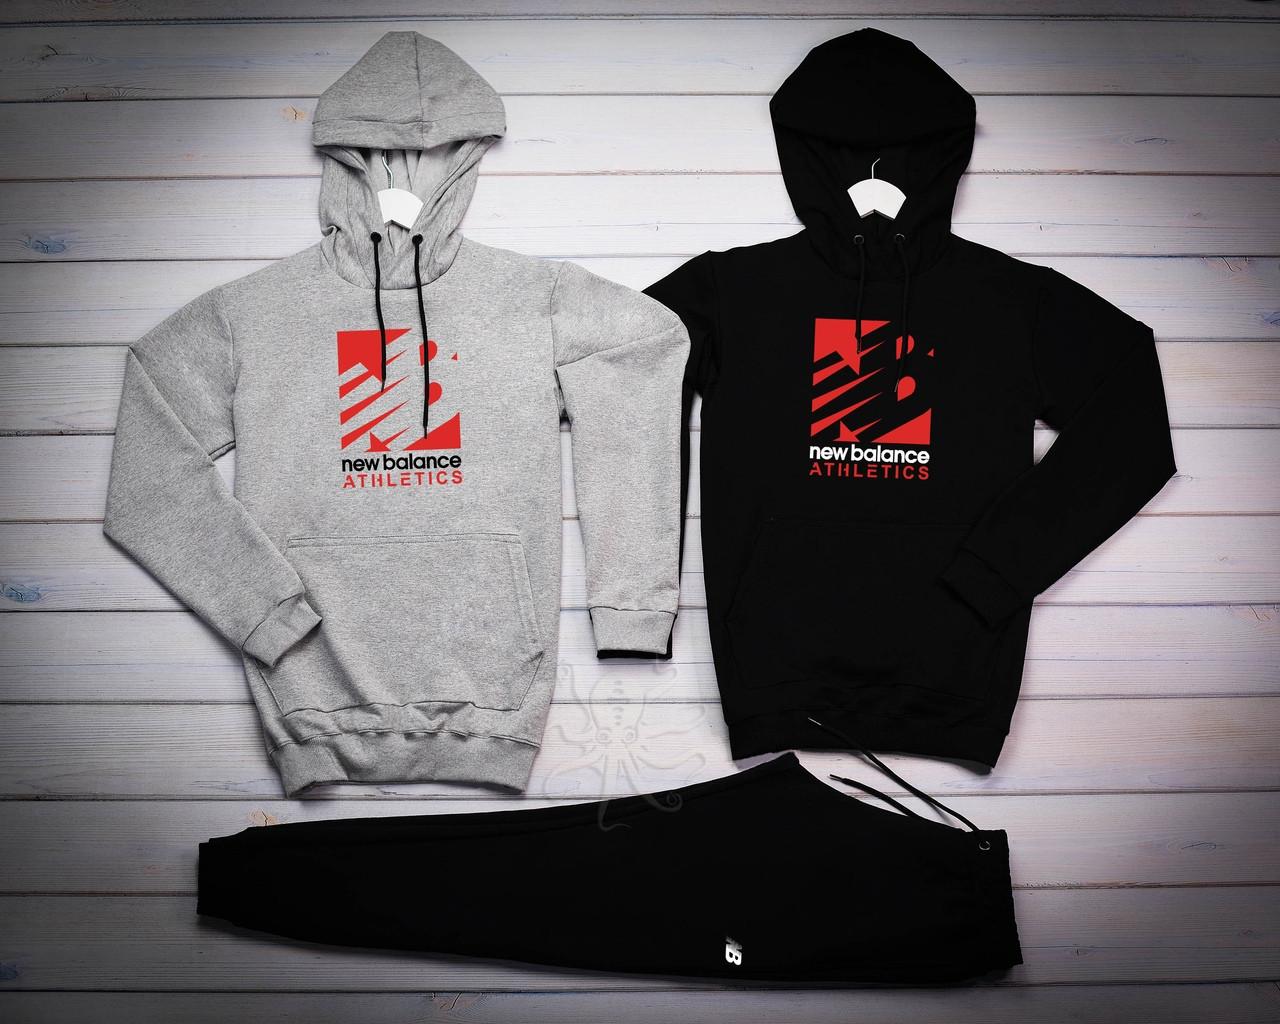 New Balance Athletics Мужской серый спортивный костюм с капюшоном демисезонный.Кенгуру 2шт+ штаны осень